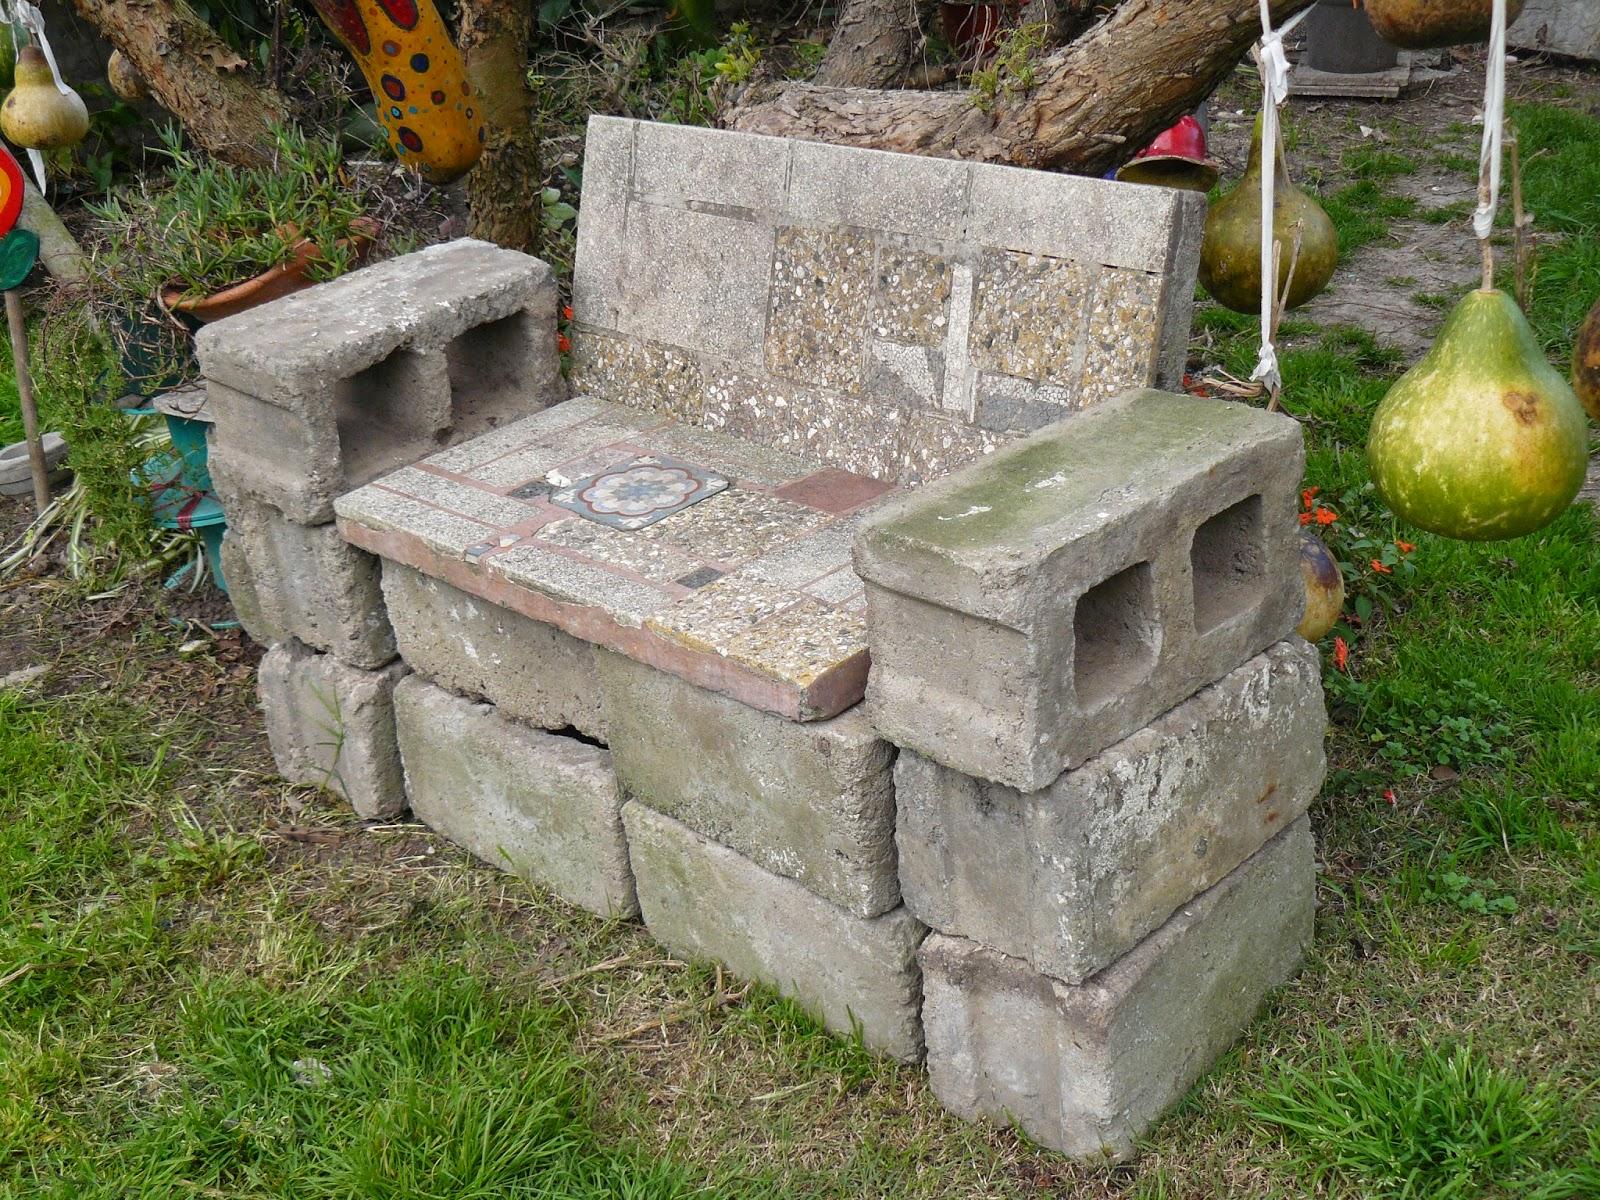 El jard n de emi sill n de piedra for Bloques cemento para jardin